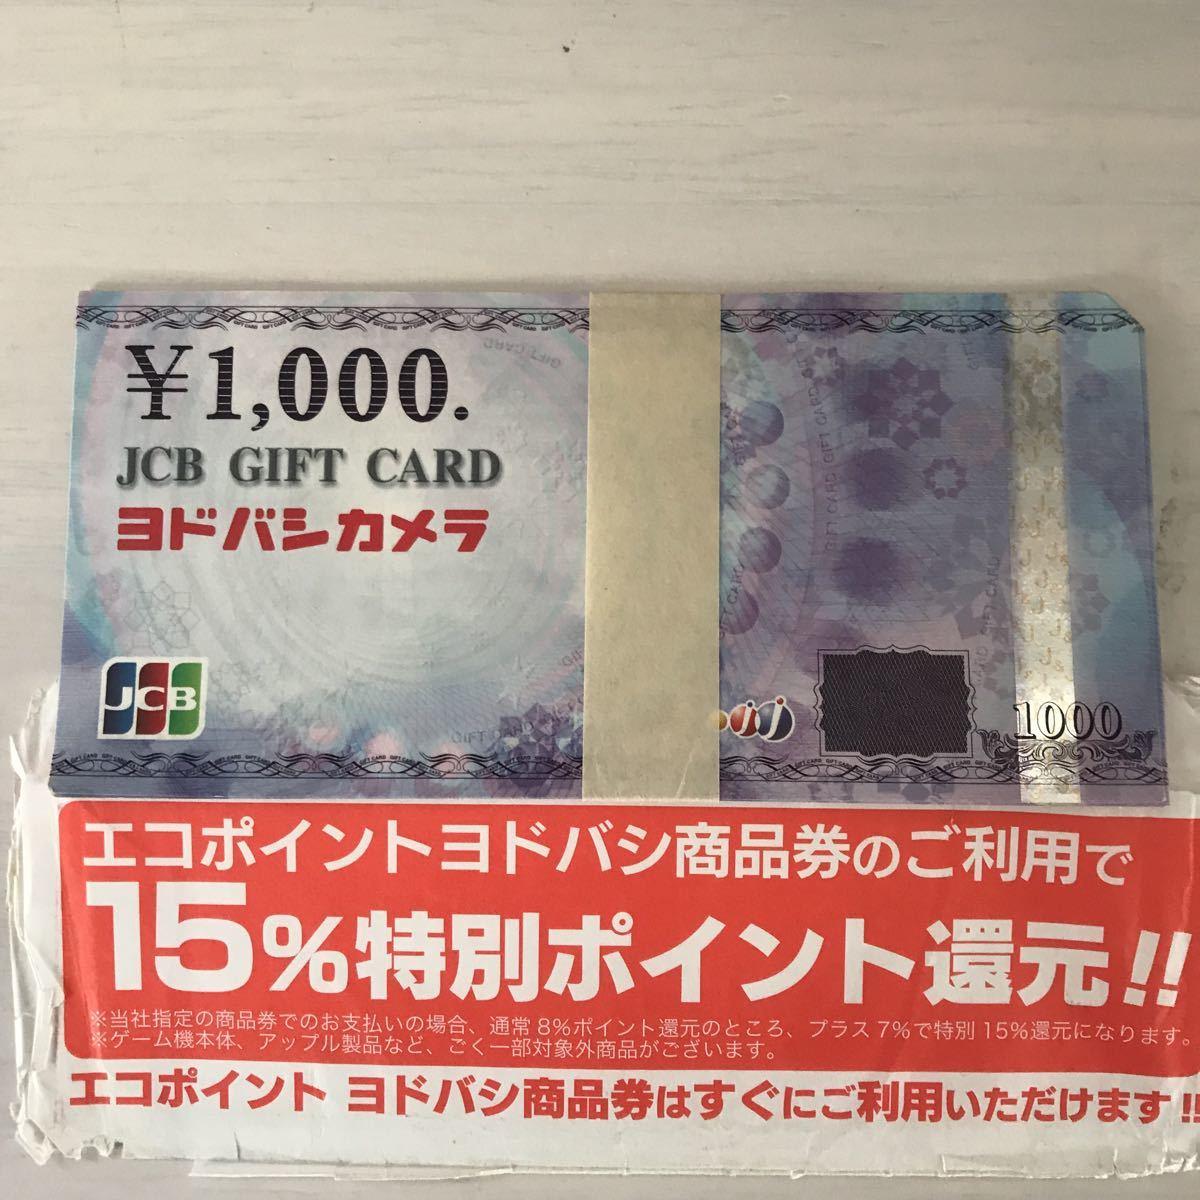 ヨドバシカメラ JCB GIFT CARD